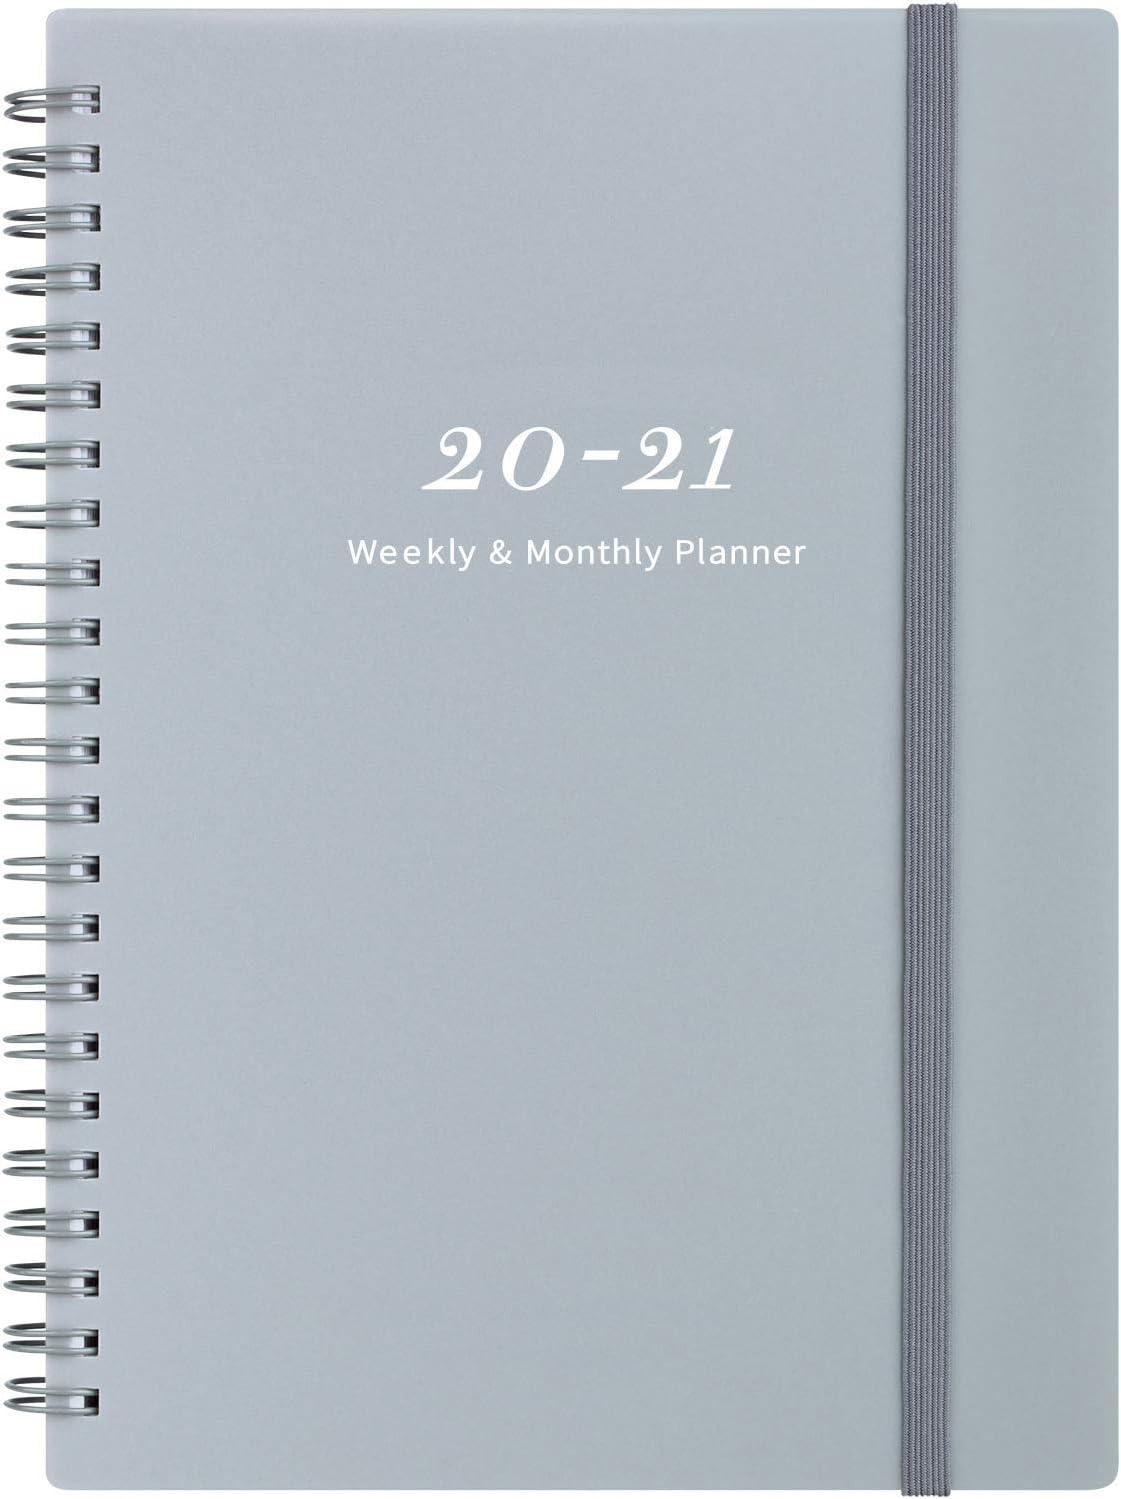 Diario 2020-2021 - Planificador semanal y mensual de 6.25